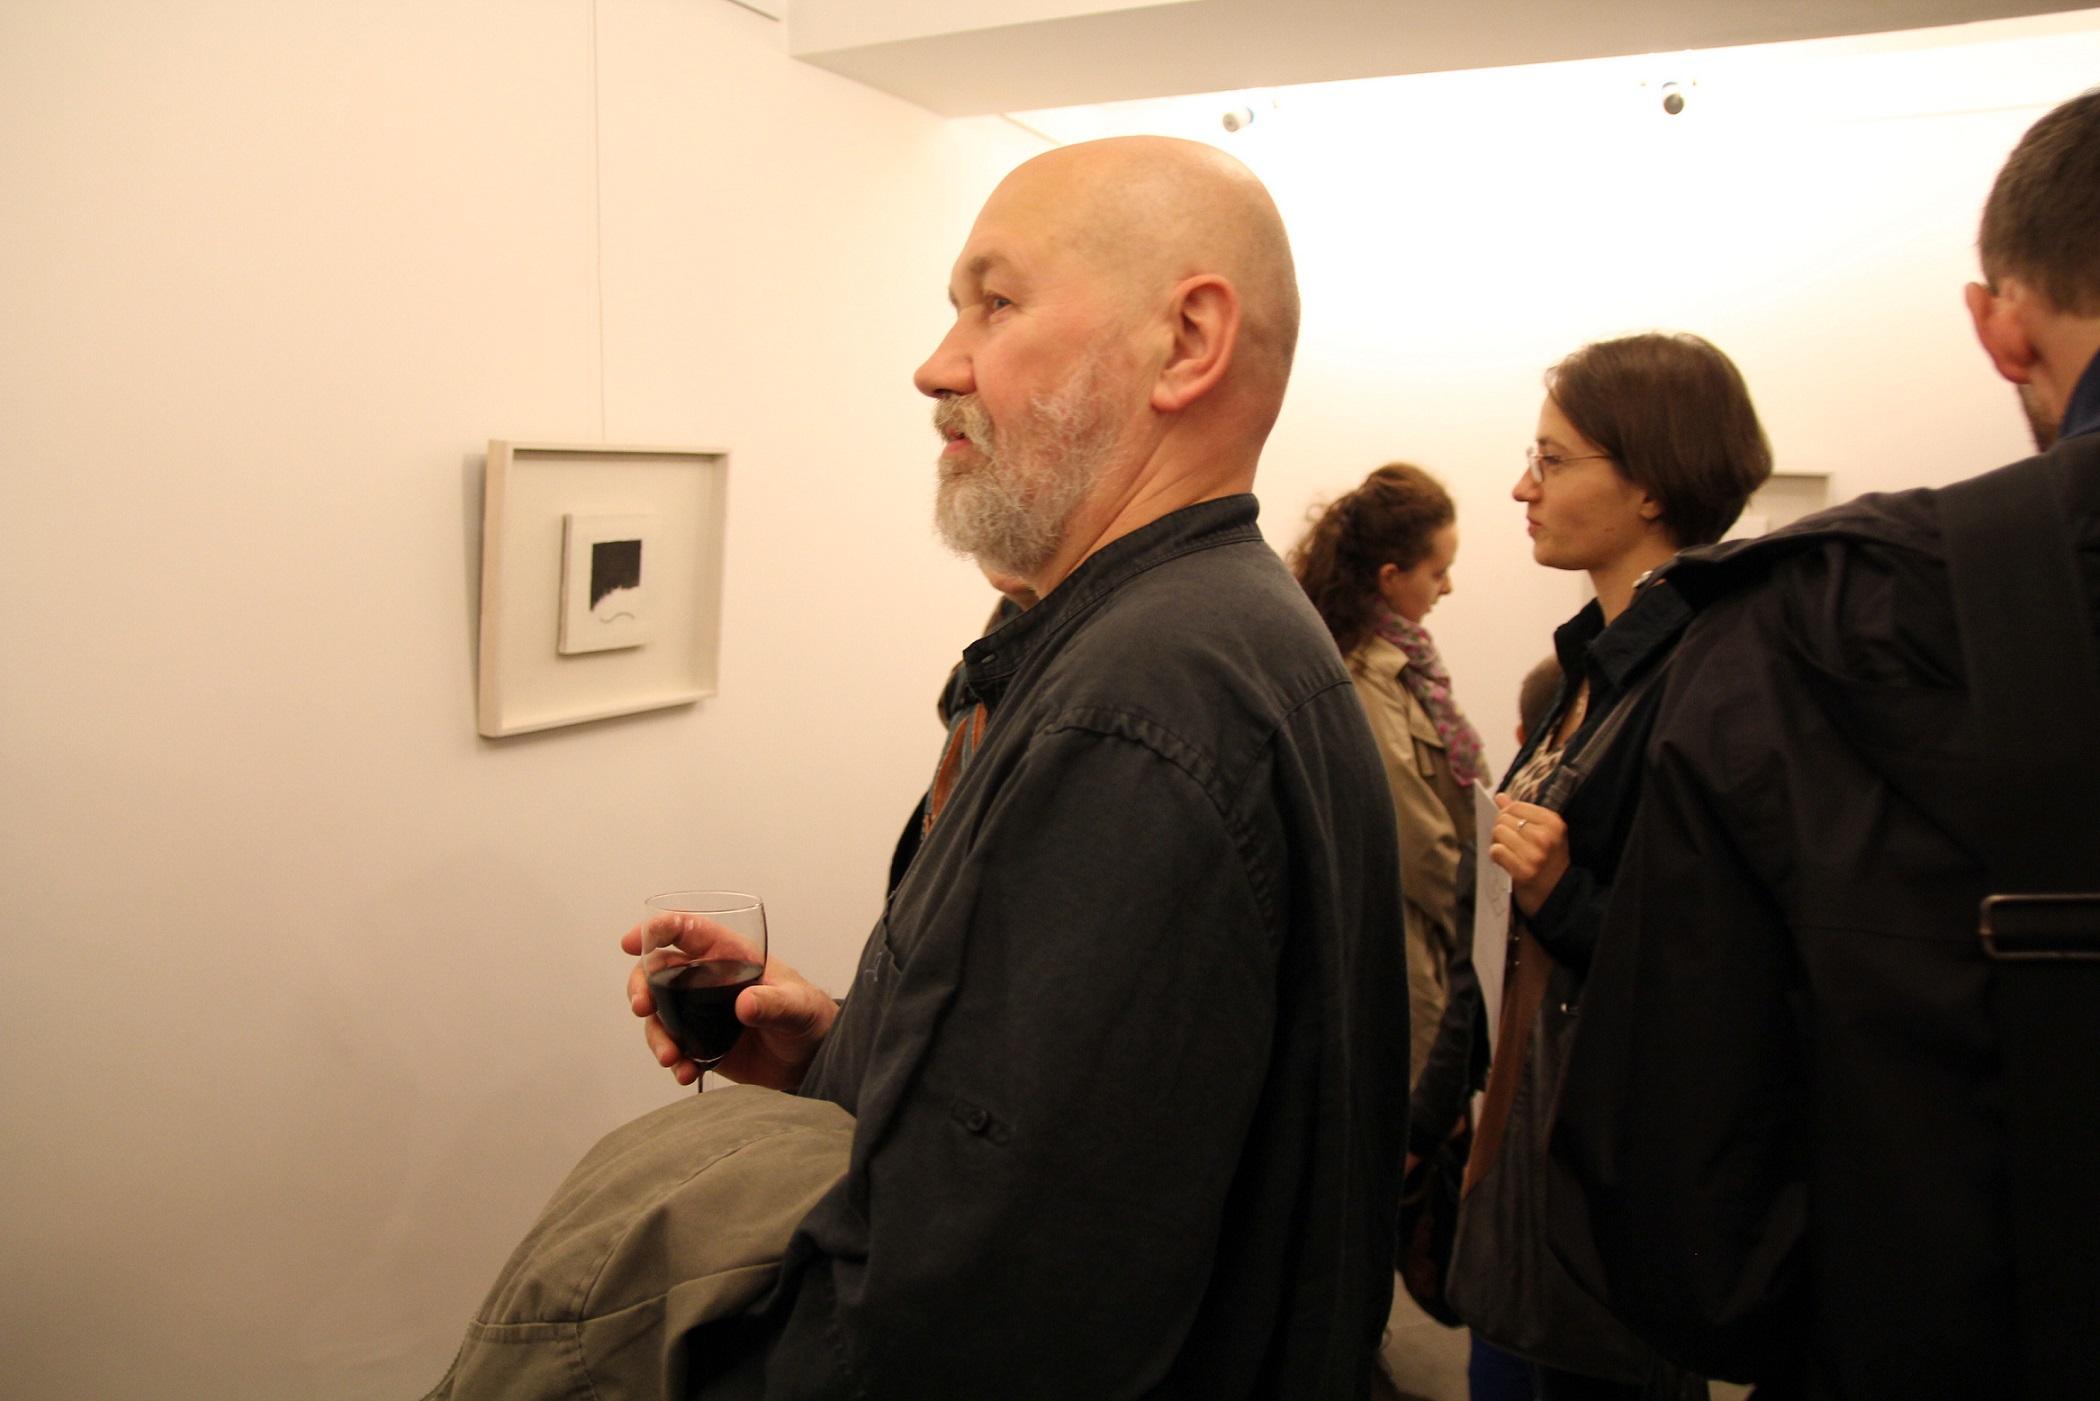 """Piotr Kmieć, wernisaż wystawy """"Koji Kamoji. Malarstwo"""", wrzesień 2012 roku."""